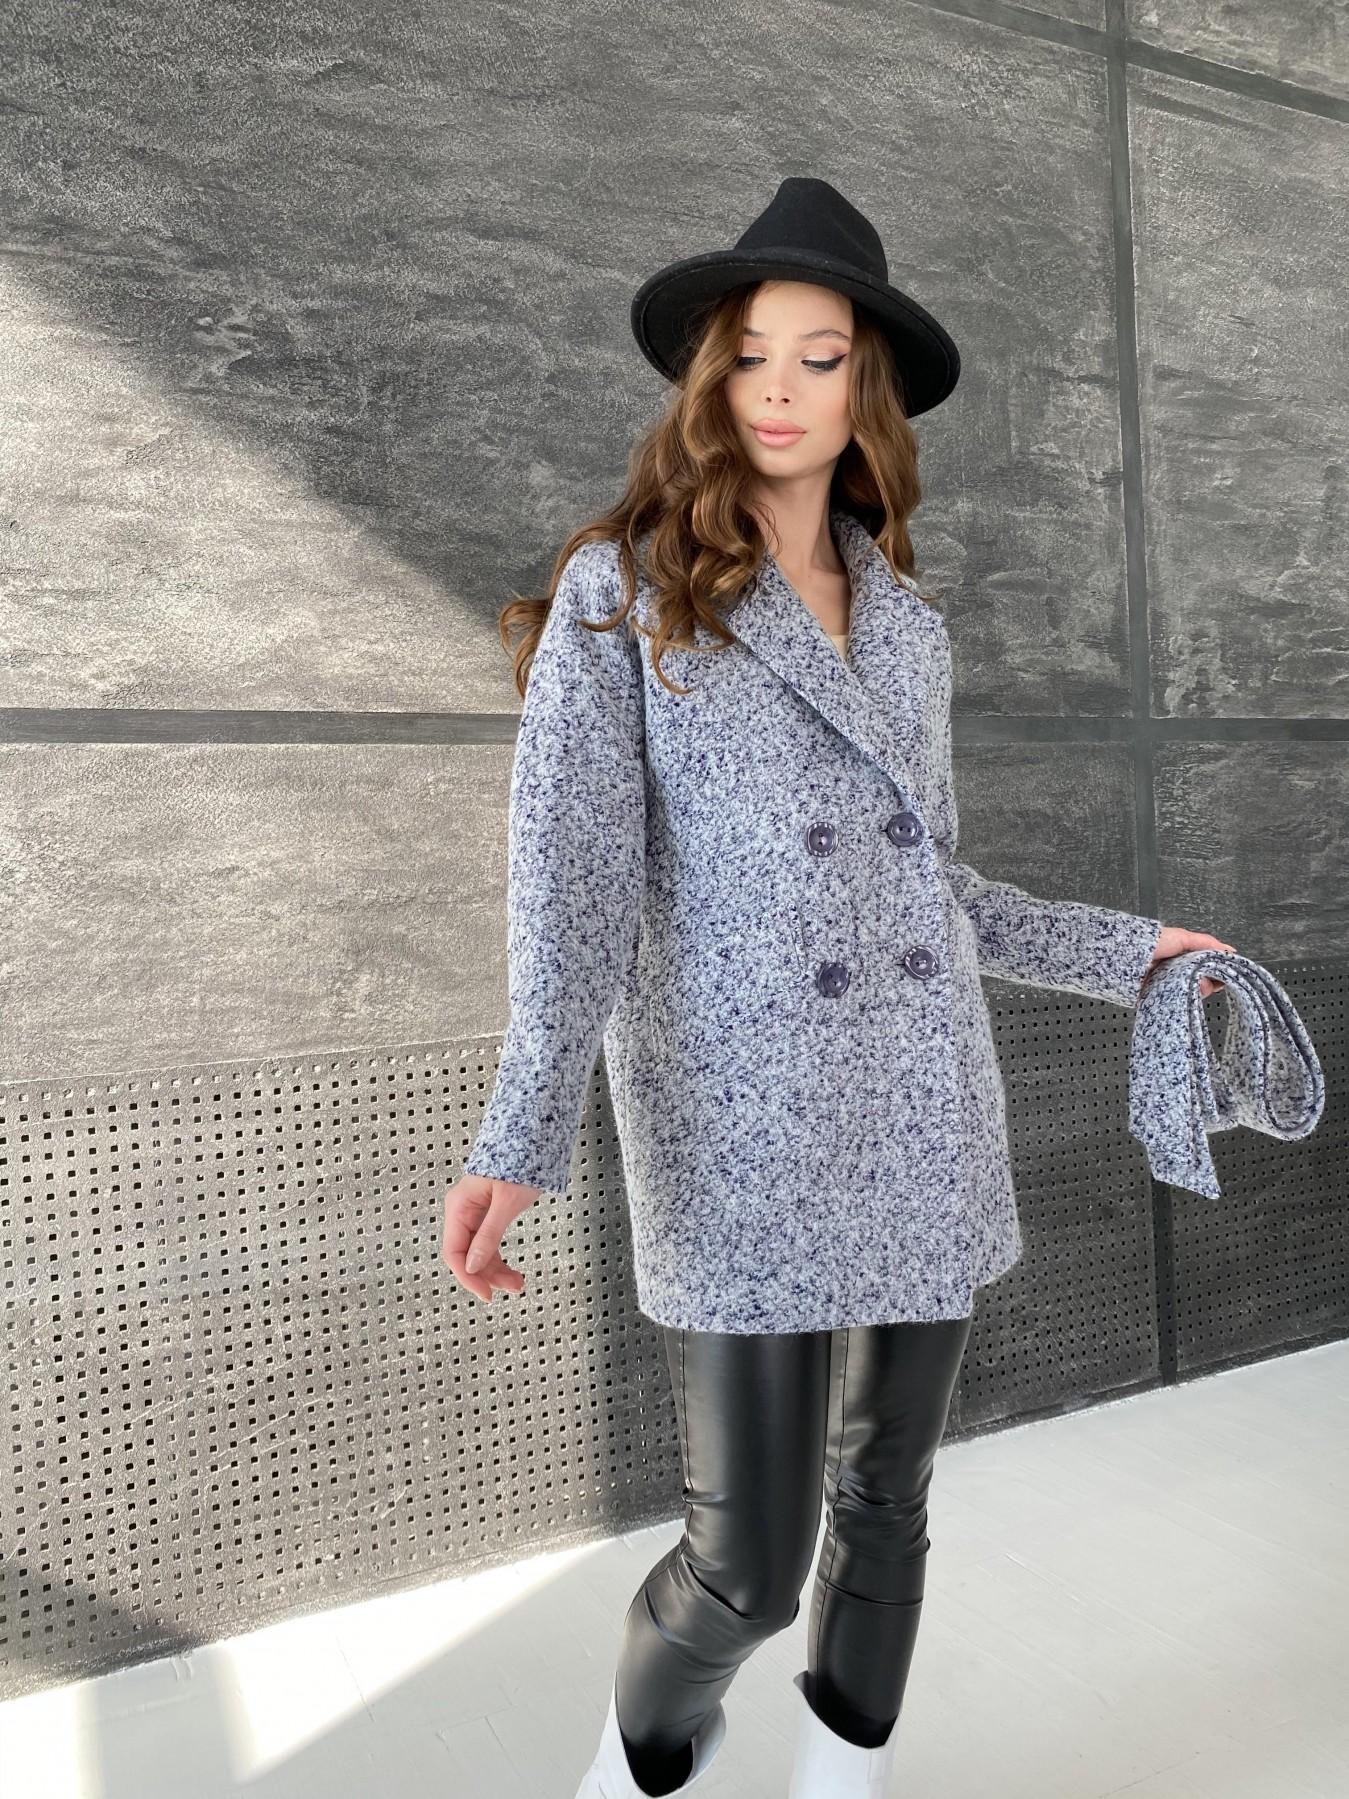 Бонд пальто из шерсти букле  10770 АРТ. 47199 Цвет: Серо-голубой 60 - фото 4, интернет магазин tm-modus.ru